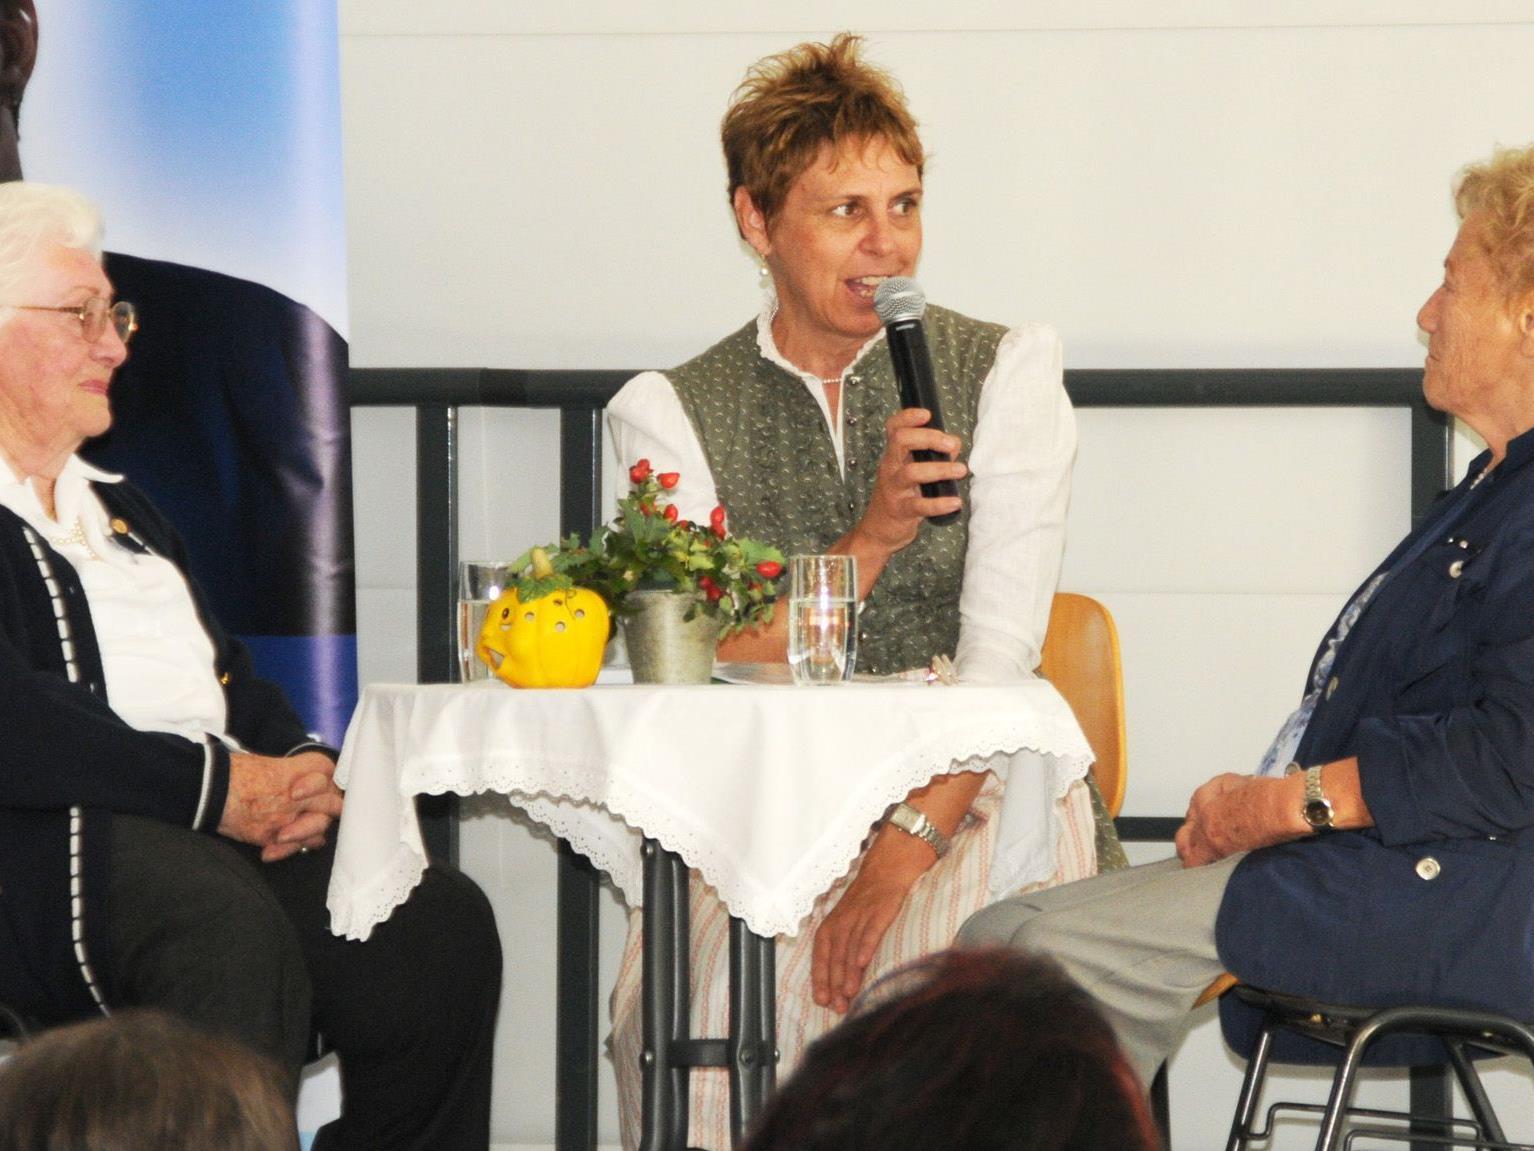 Midi und Ilse Nagel sowie Dr. Gerda Leipold-Schneider beim Plausch über alte Zeiten.